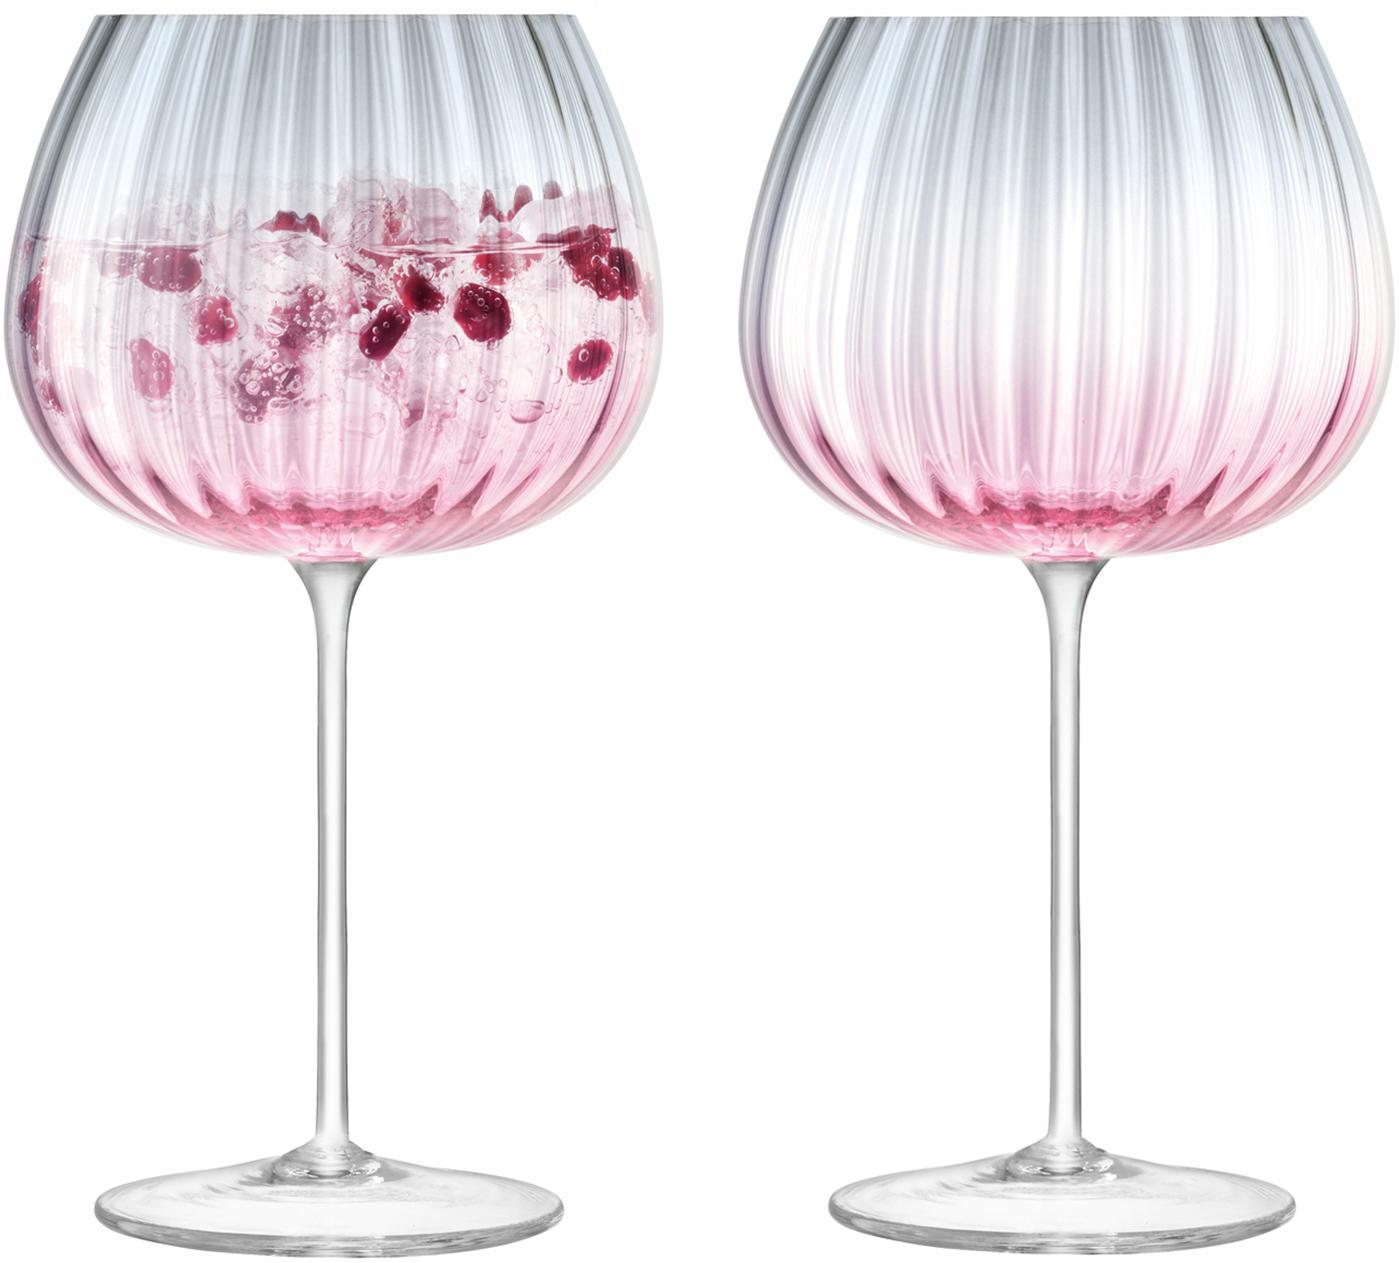 Handgemachte Weingläser Dusk mit Farbverlauf, 2er-Set, Glas, Rosa, Grau, Ø 10 x H 20 cm